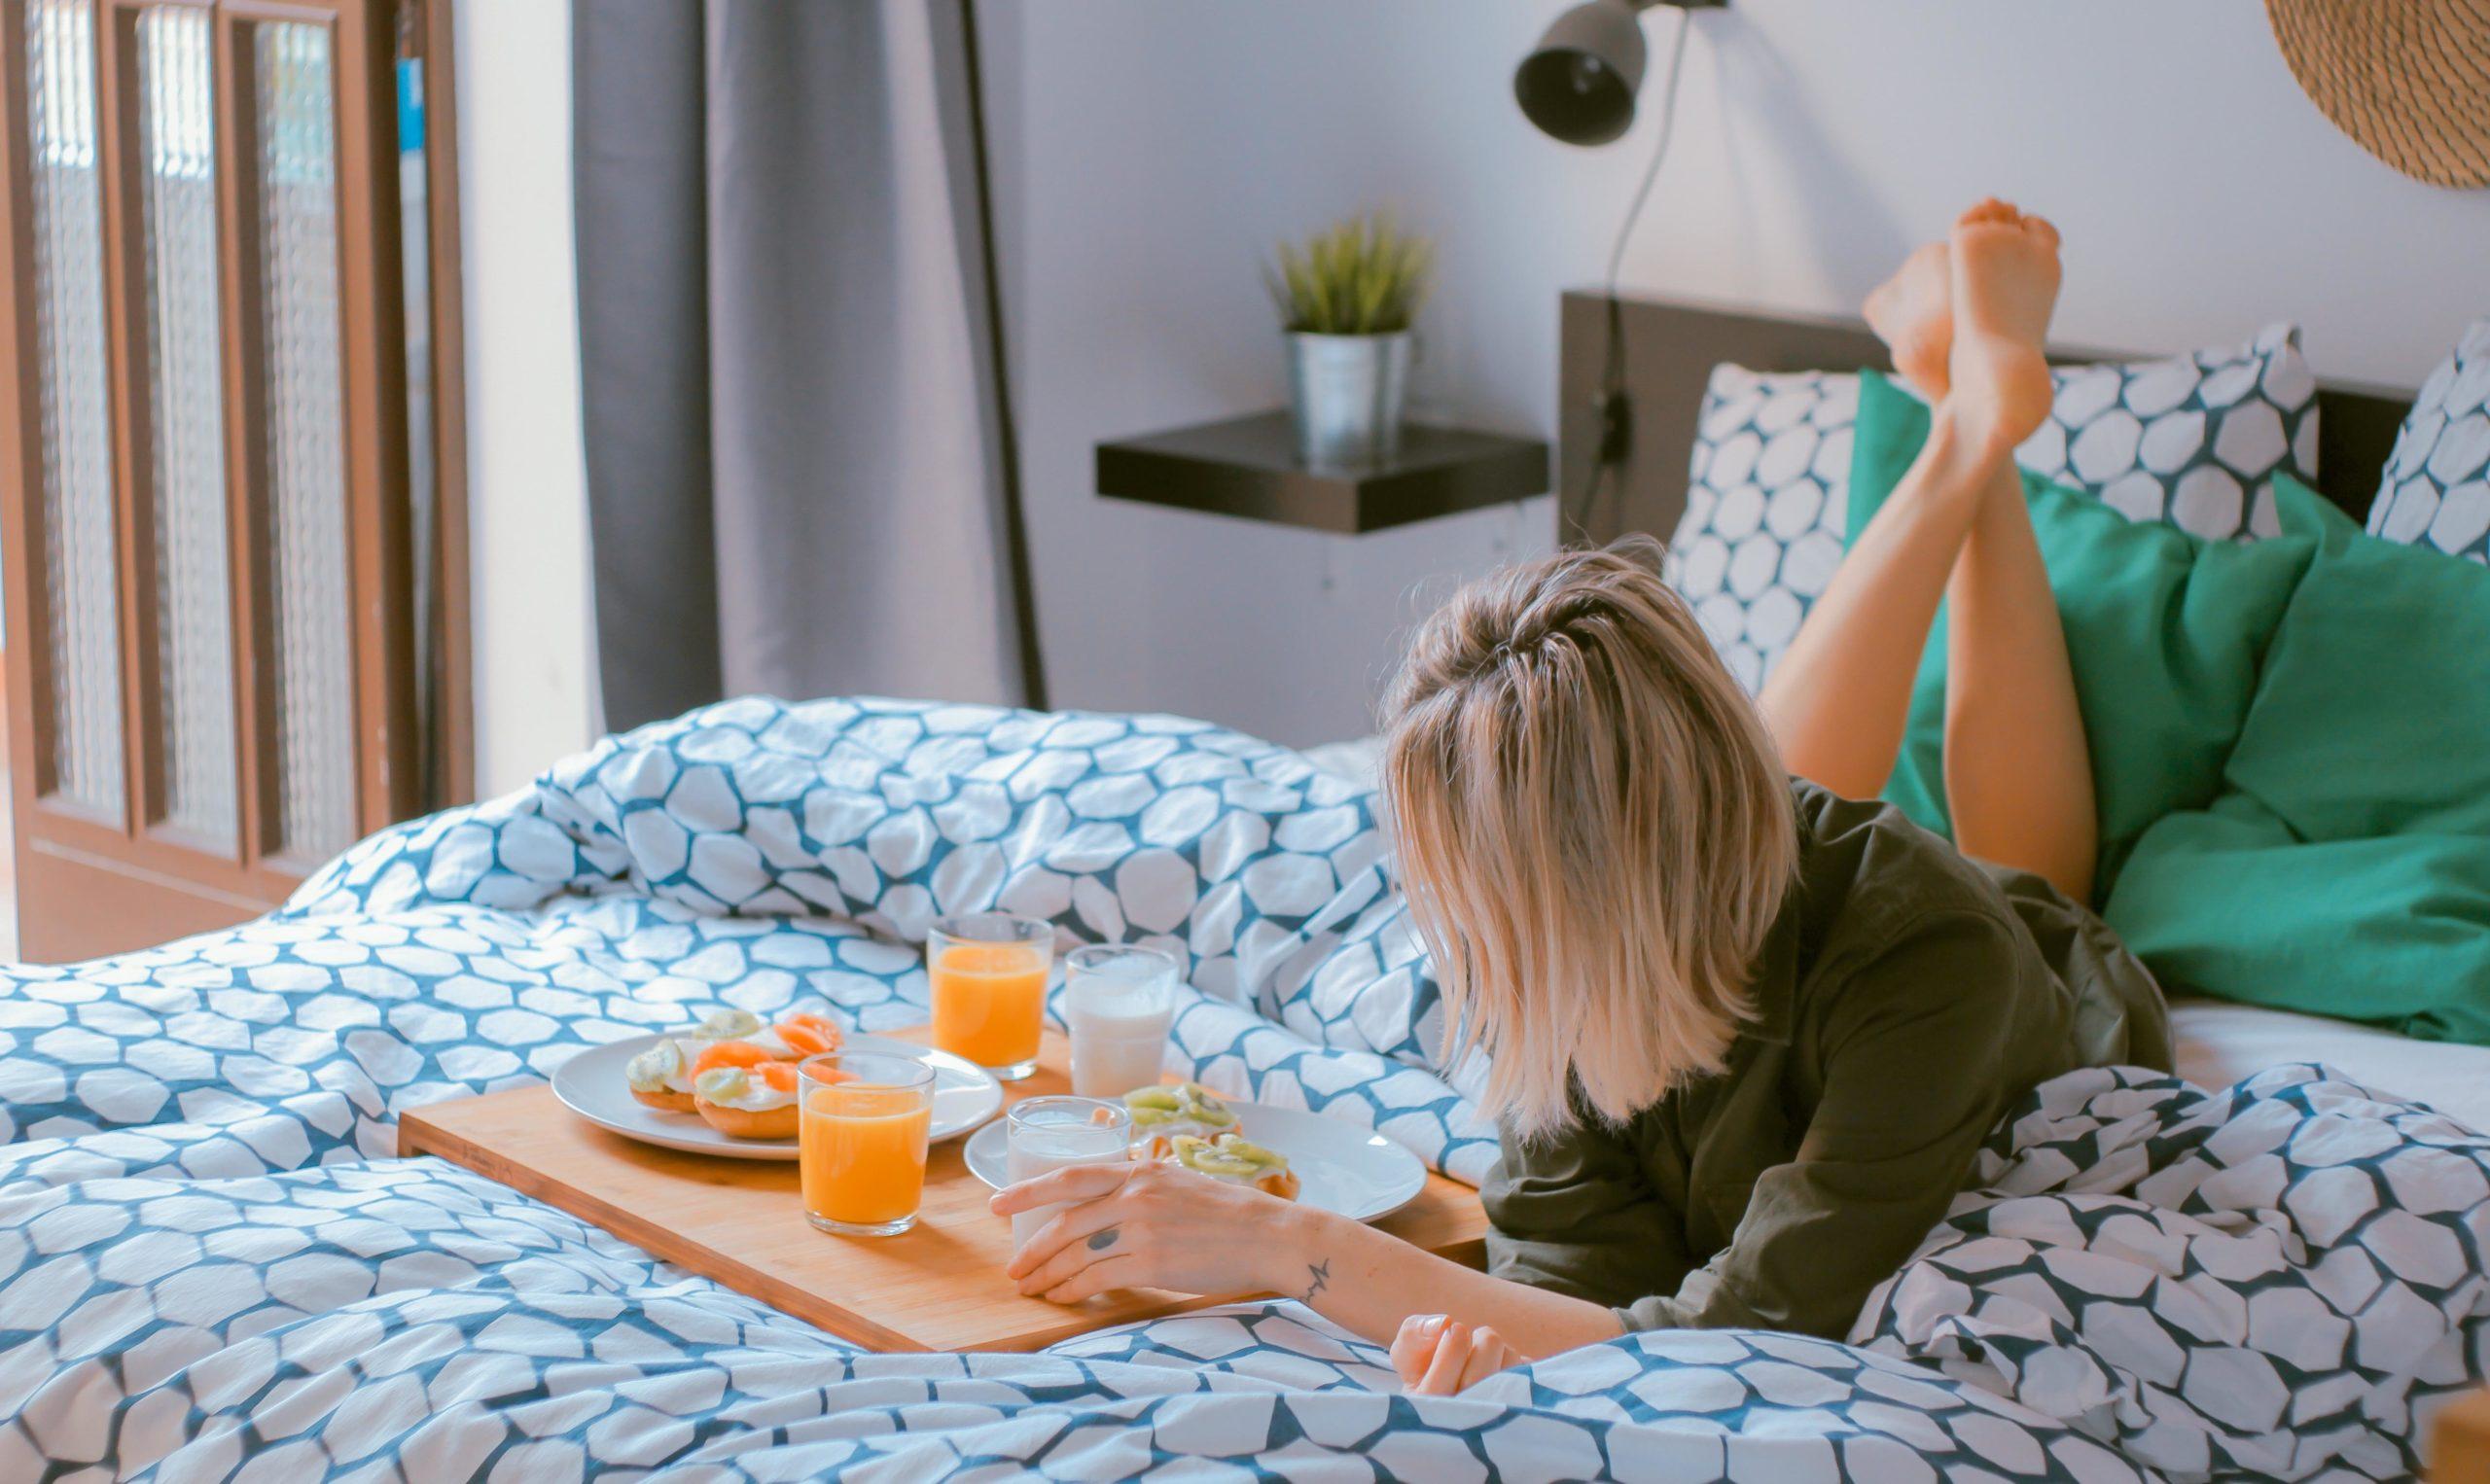 Lazy Day - Girl Having Breakfast in Bed